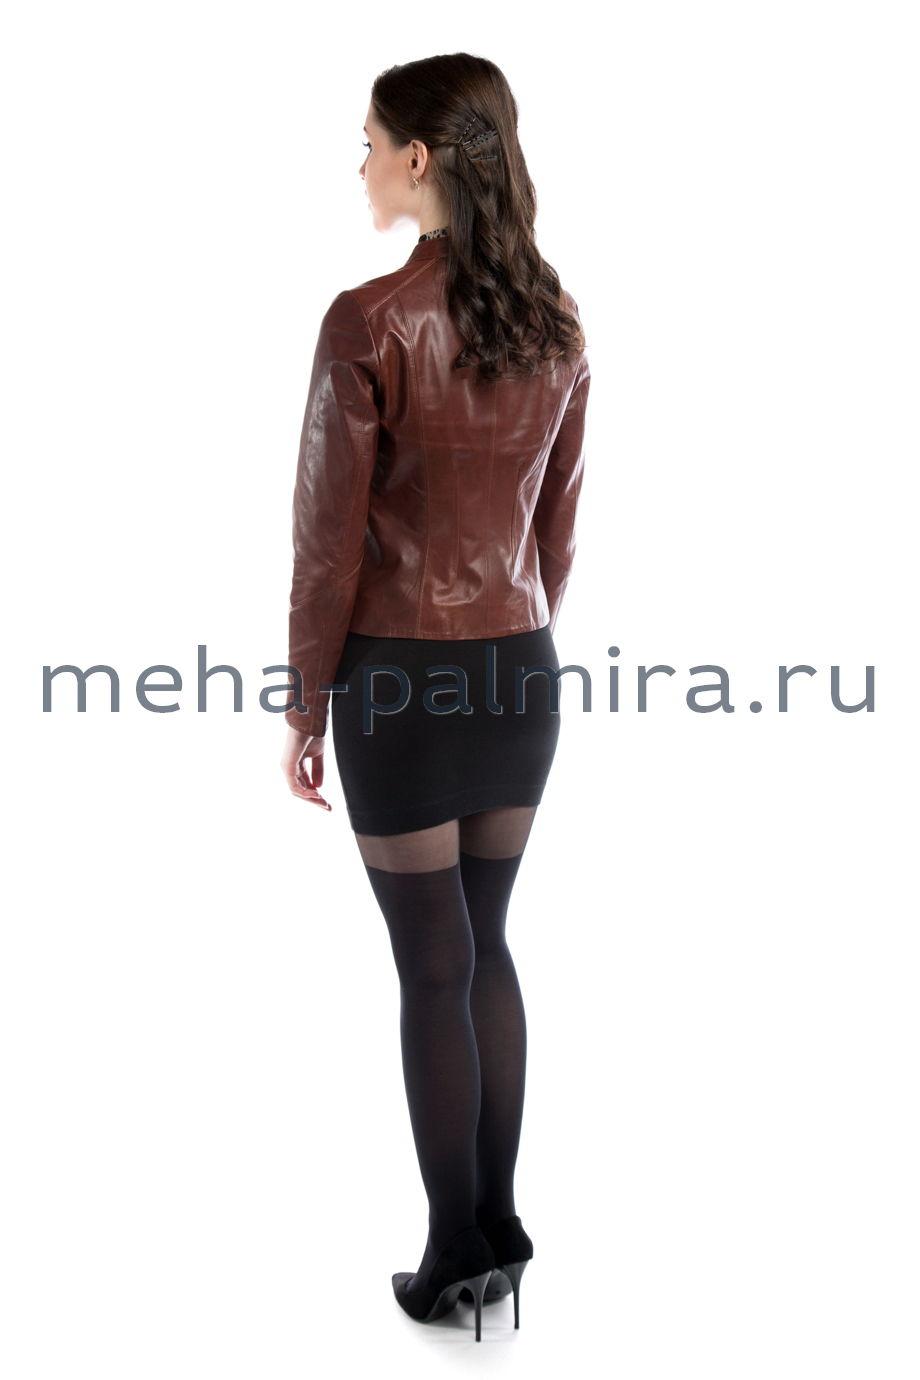 Кожаная куртка на молнии, цвет коричневый